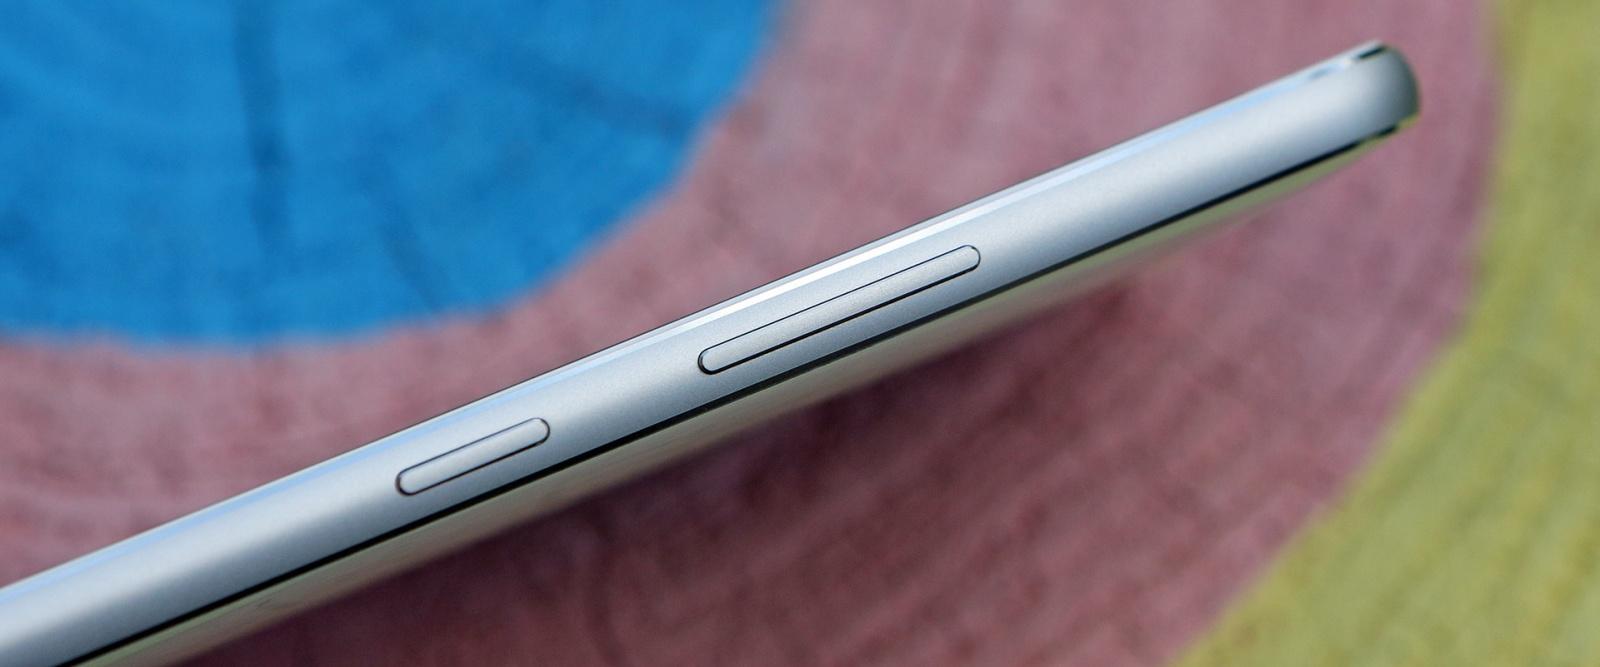 Обзор смартфона ZUK Z1: мощность и автономность по доступной цене - 2